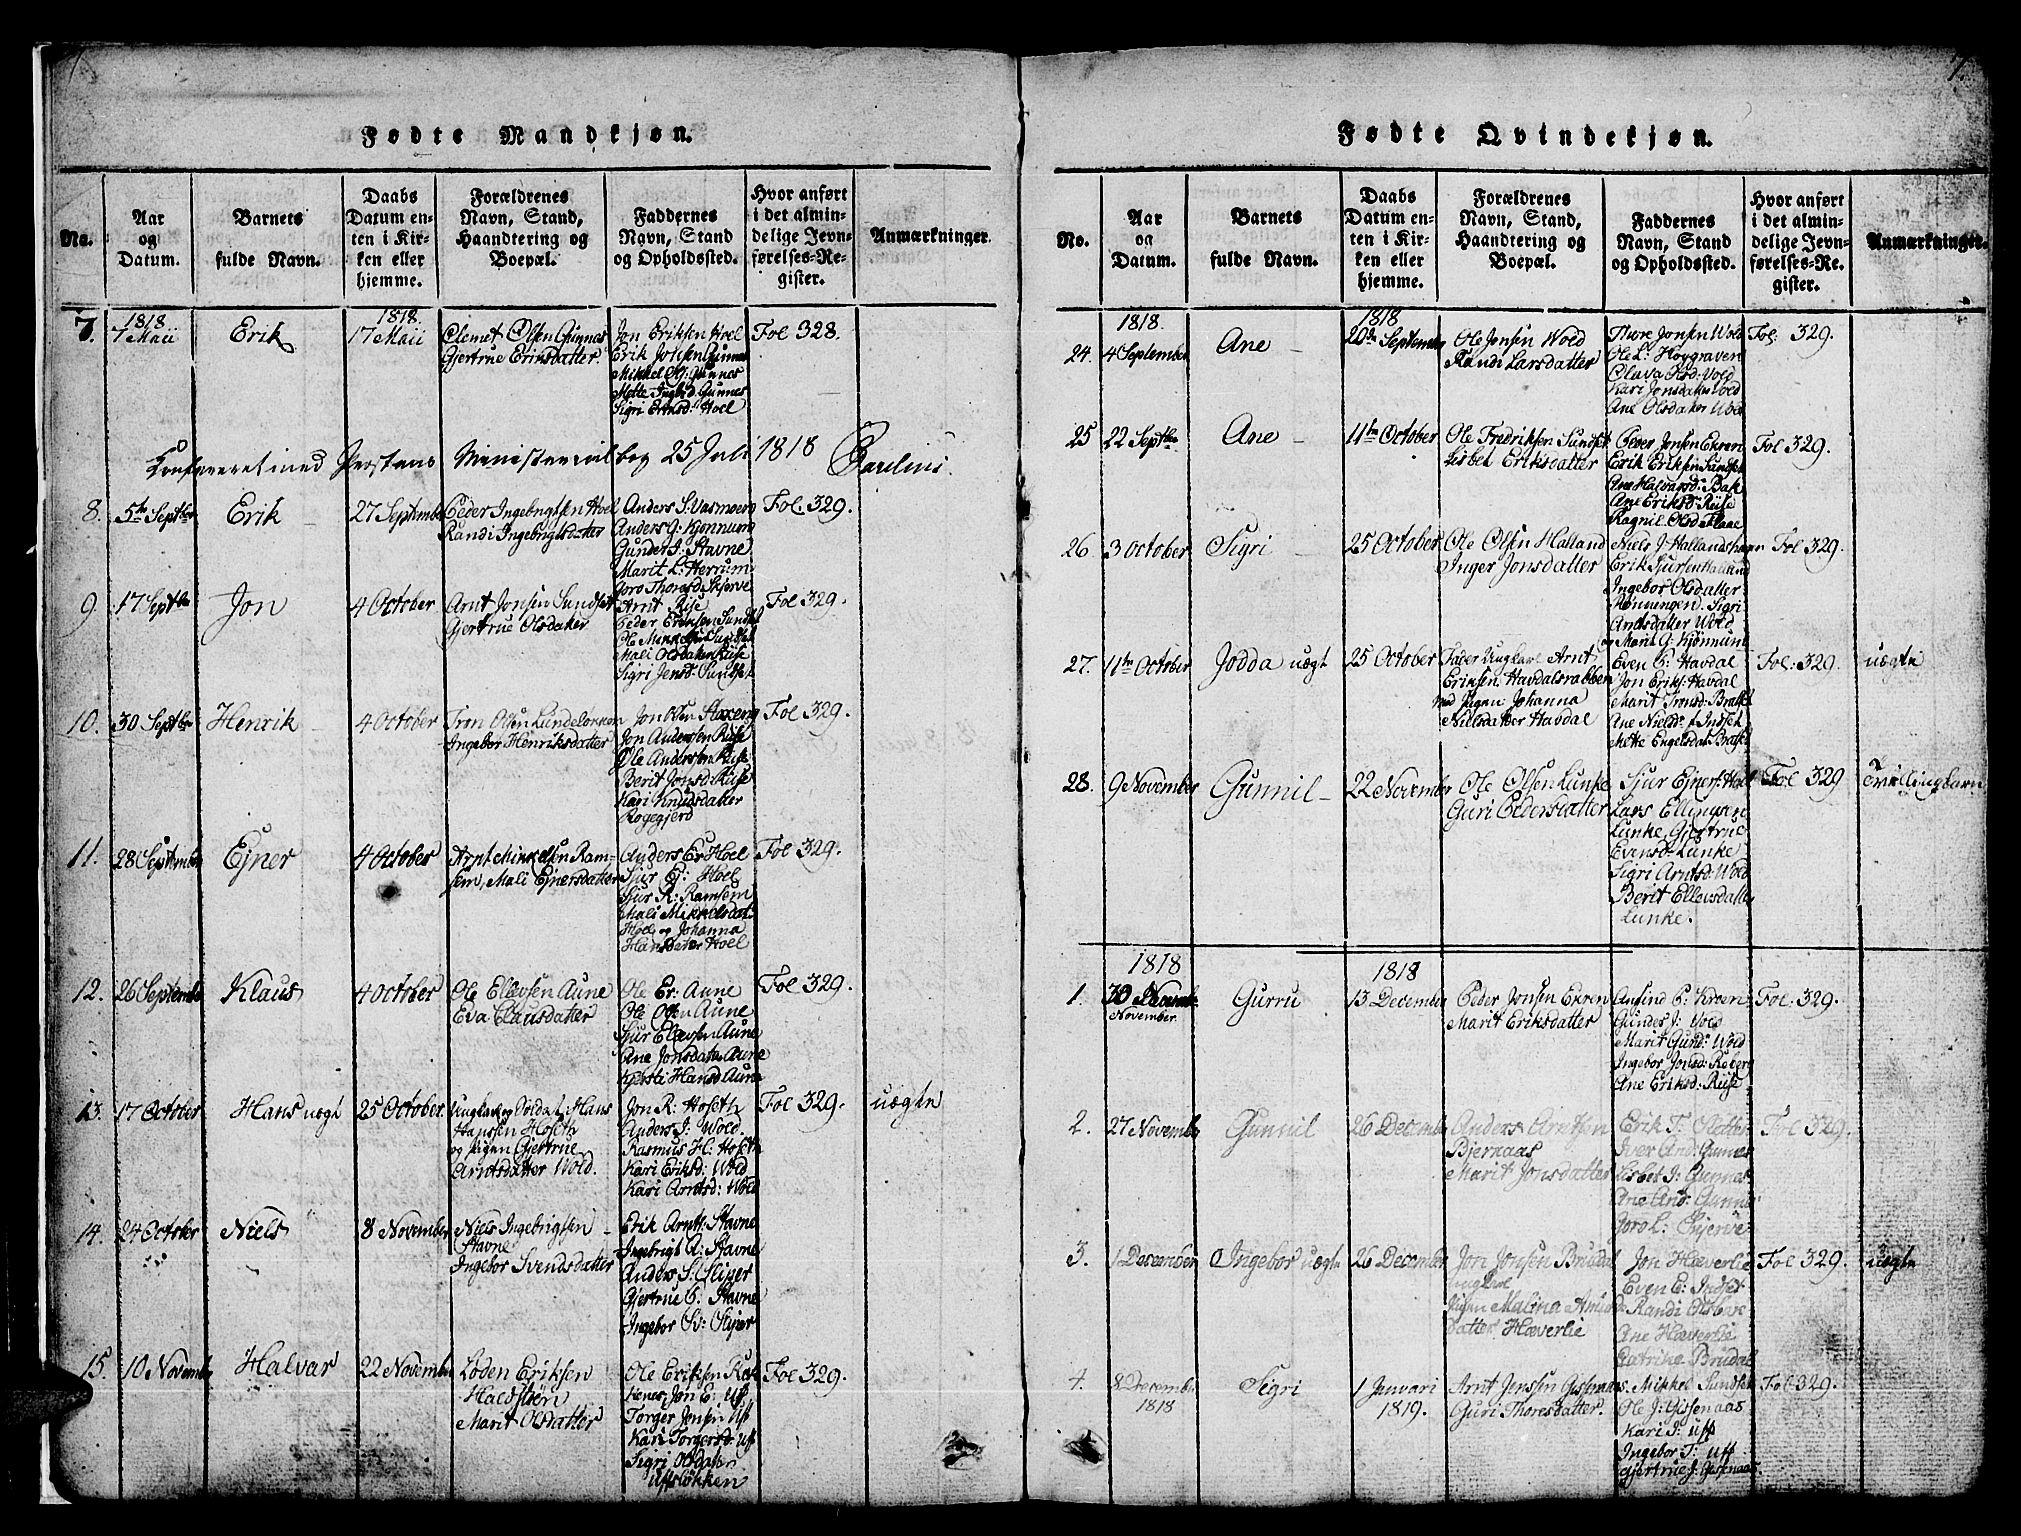 SAT, Ministerialprotokoller, klokkerbøker og fødselsregistre - Sør-Trøndelag, 674/L0874: Klokkerbok nr. 674C01, 1816-1860, s. 7